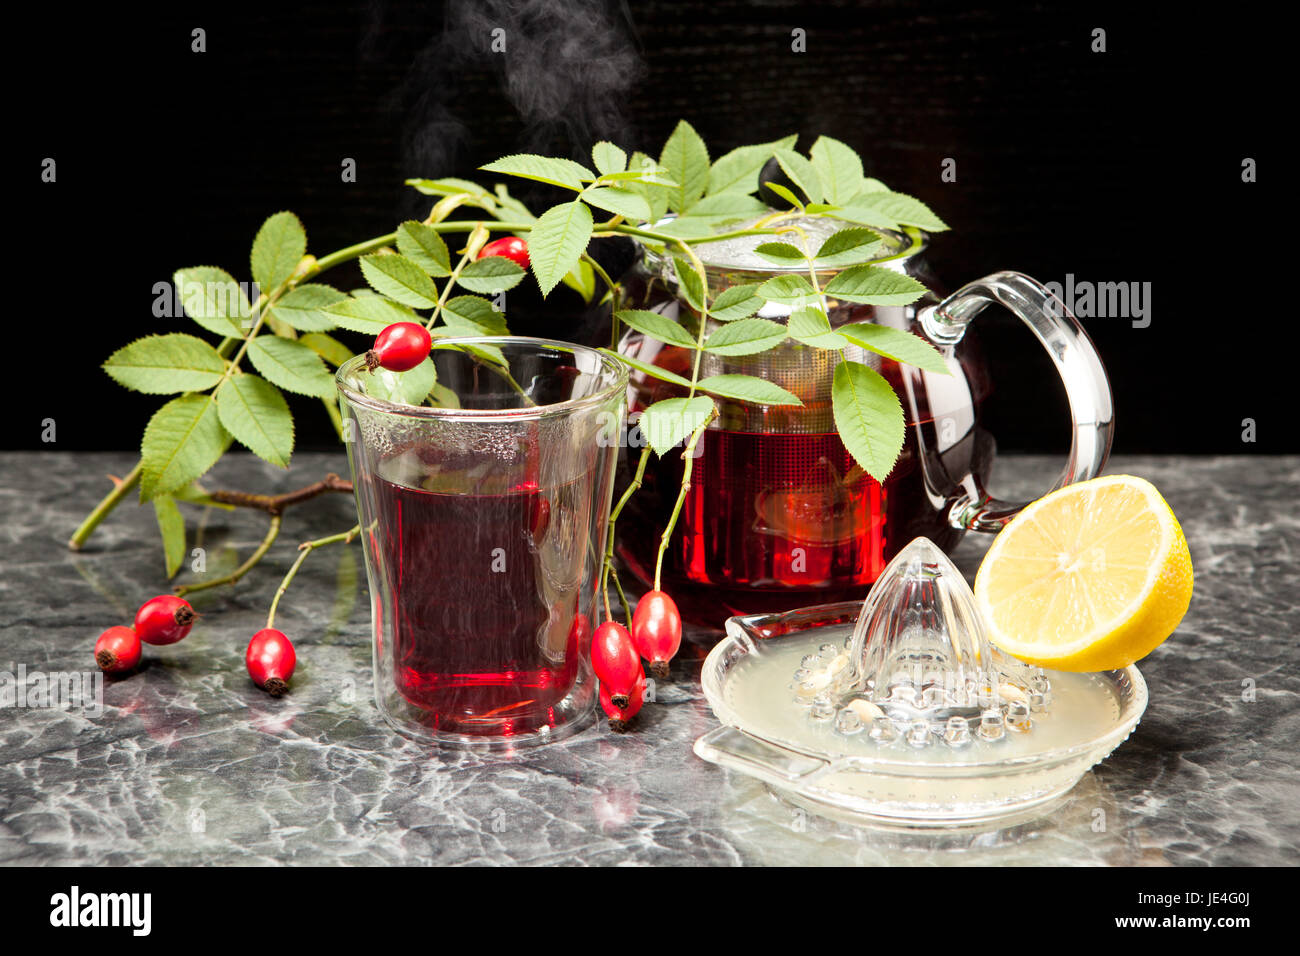 Hagebuttentee mit Zitrone im Glas Stock Photo